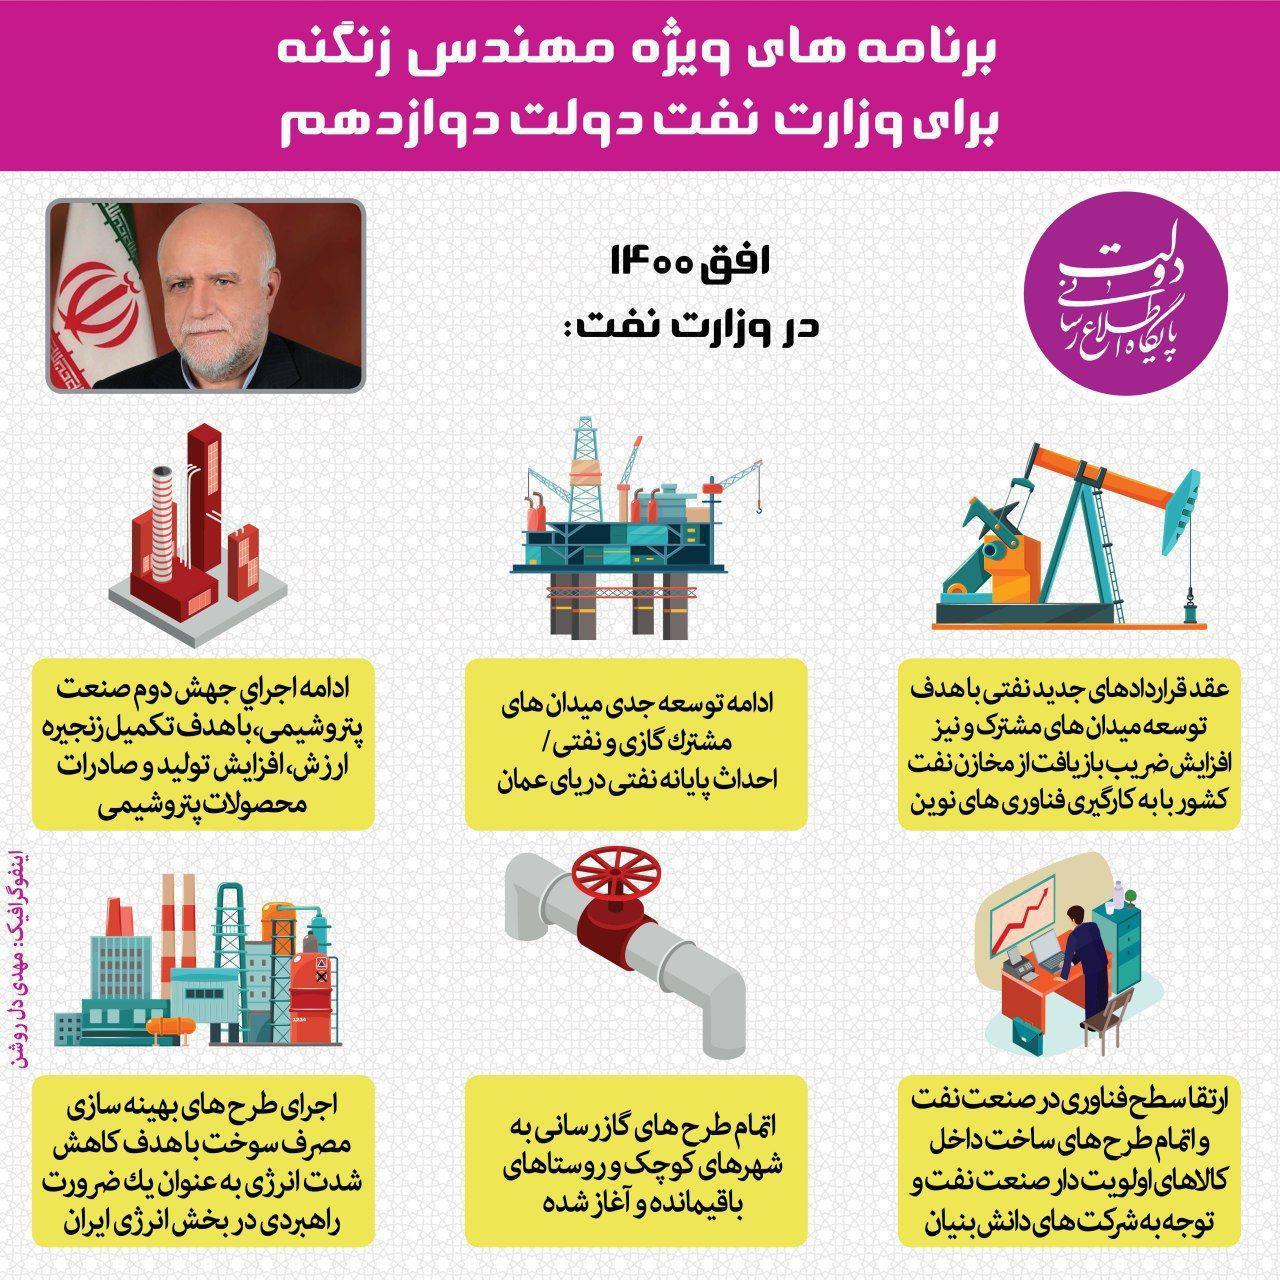 برنامه های  زنگنه وزیر پیشنهادی نفت برای کابینه دوازدهم